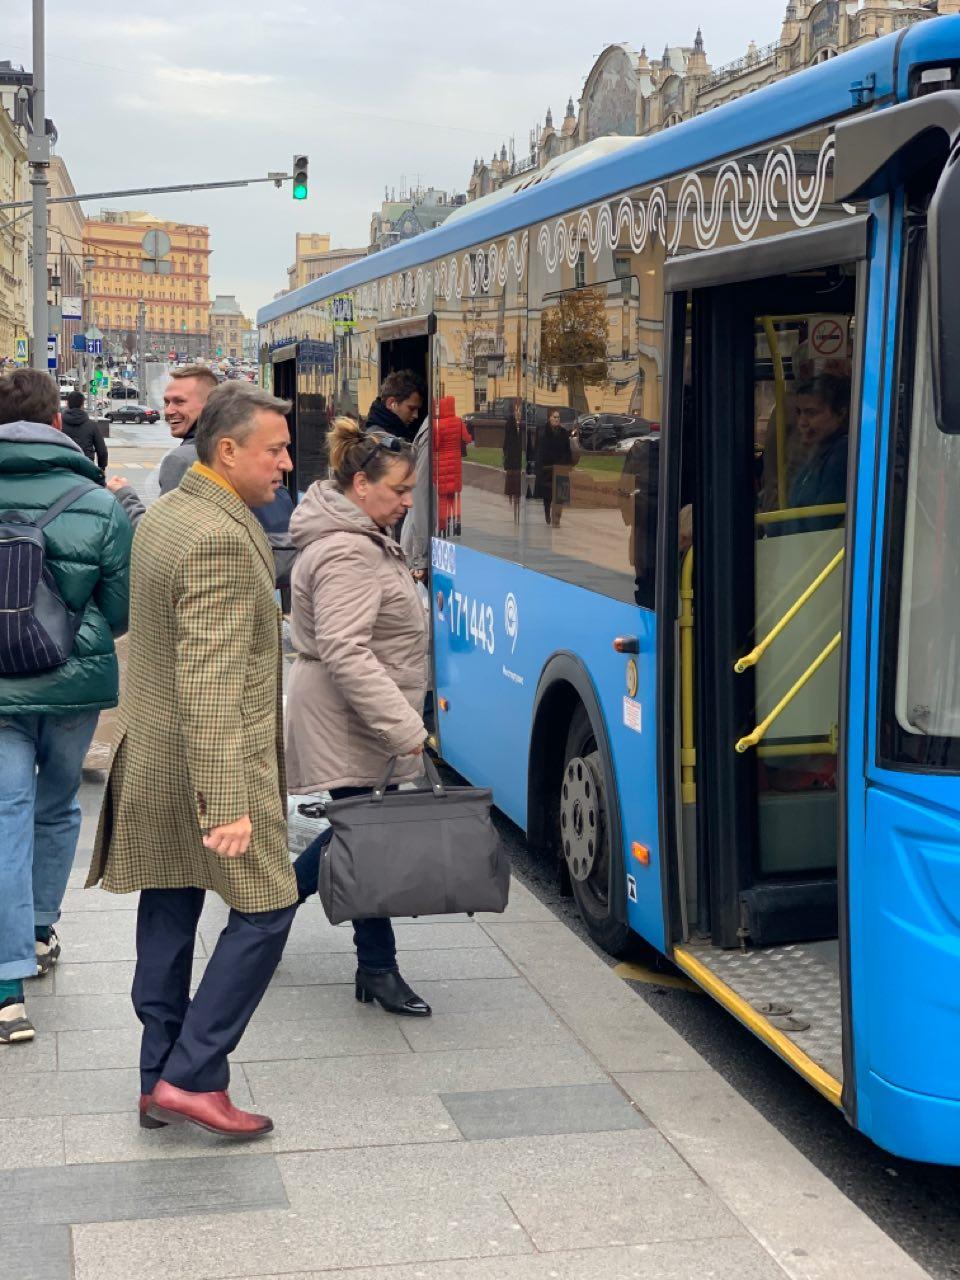 Пересадки в наземном транспорте столицы стали бесплатными